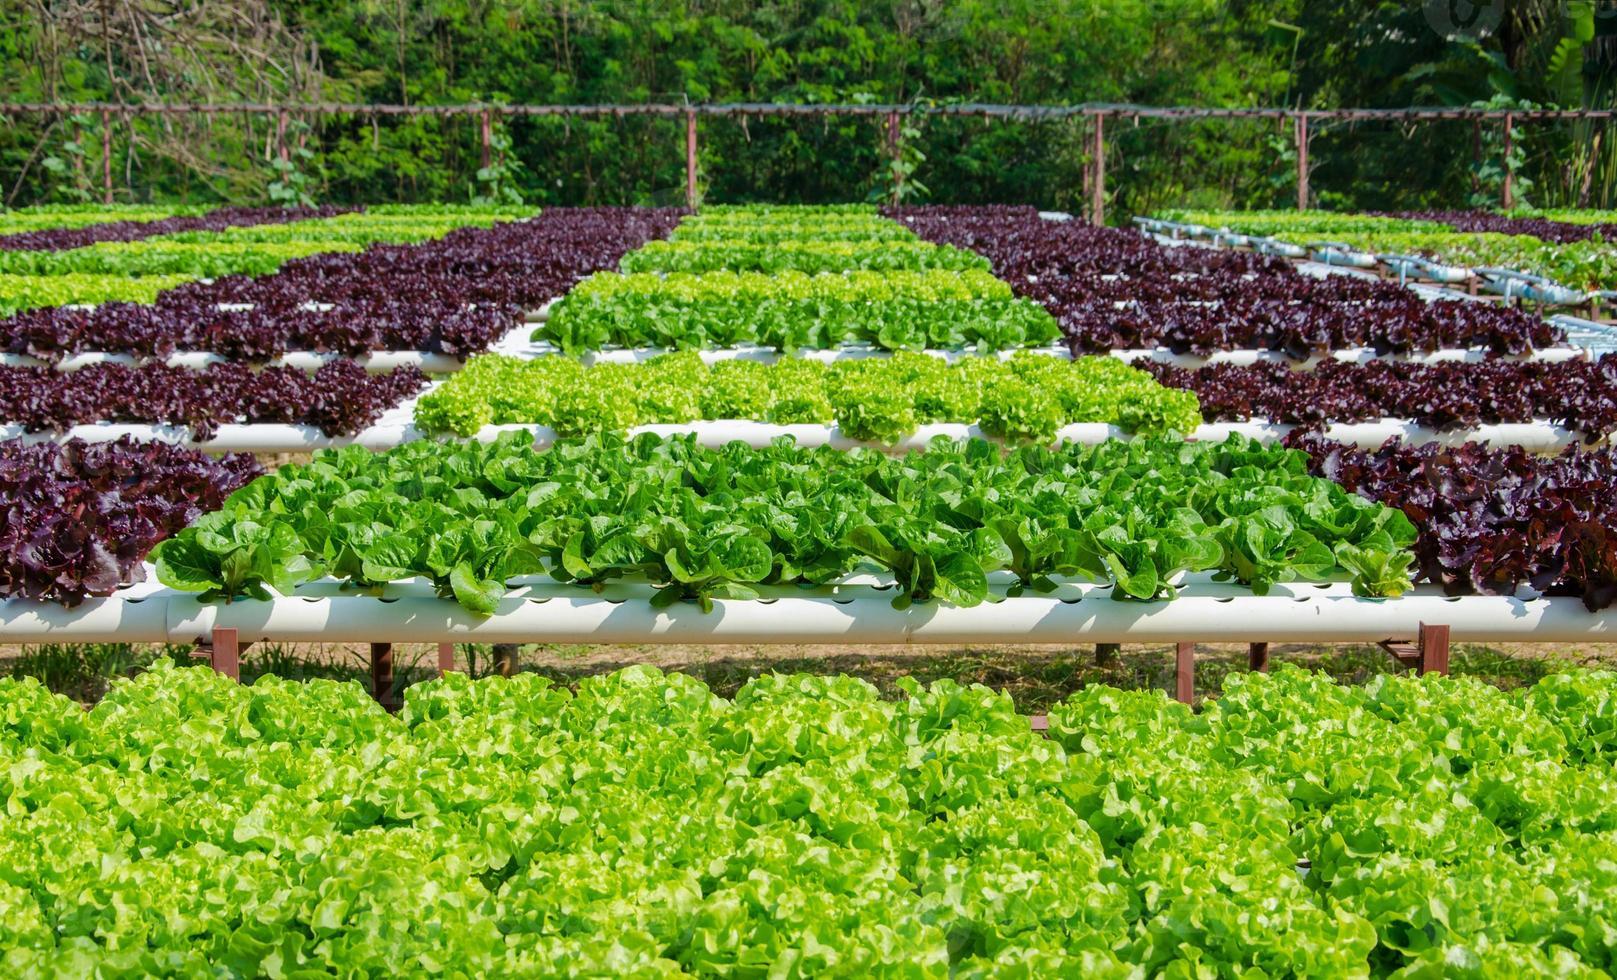 biologische hydrocultuur groenteteelt boerderij foto